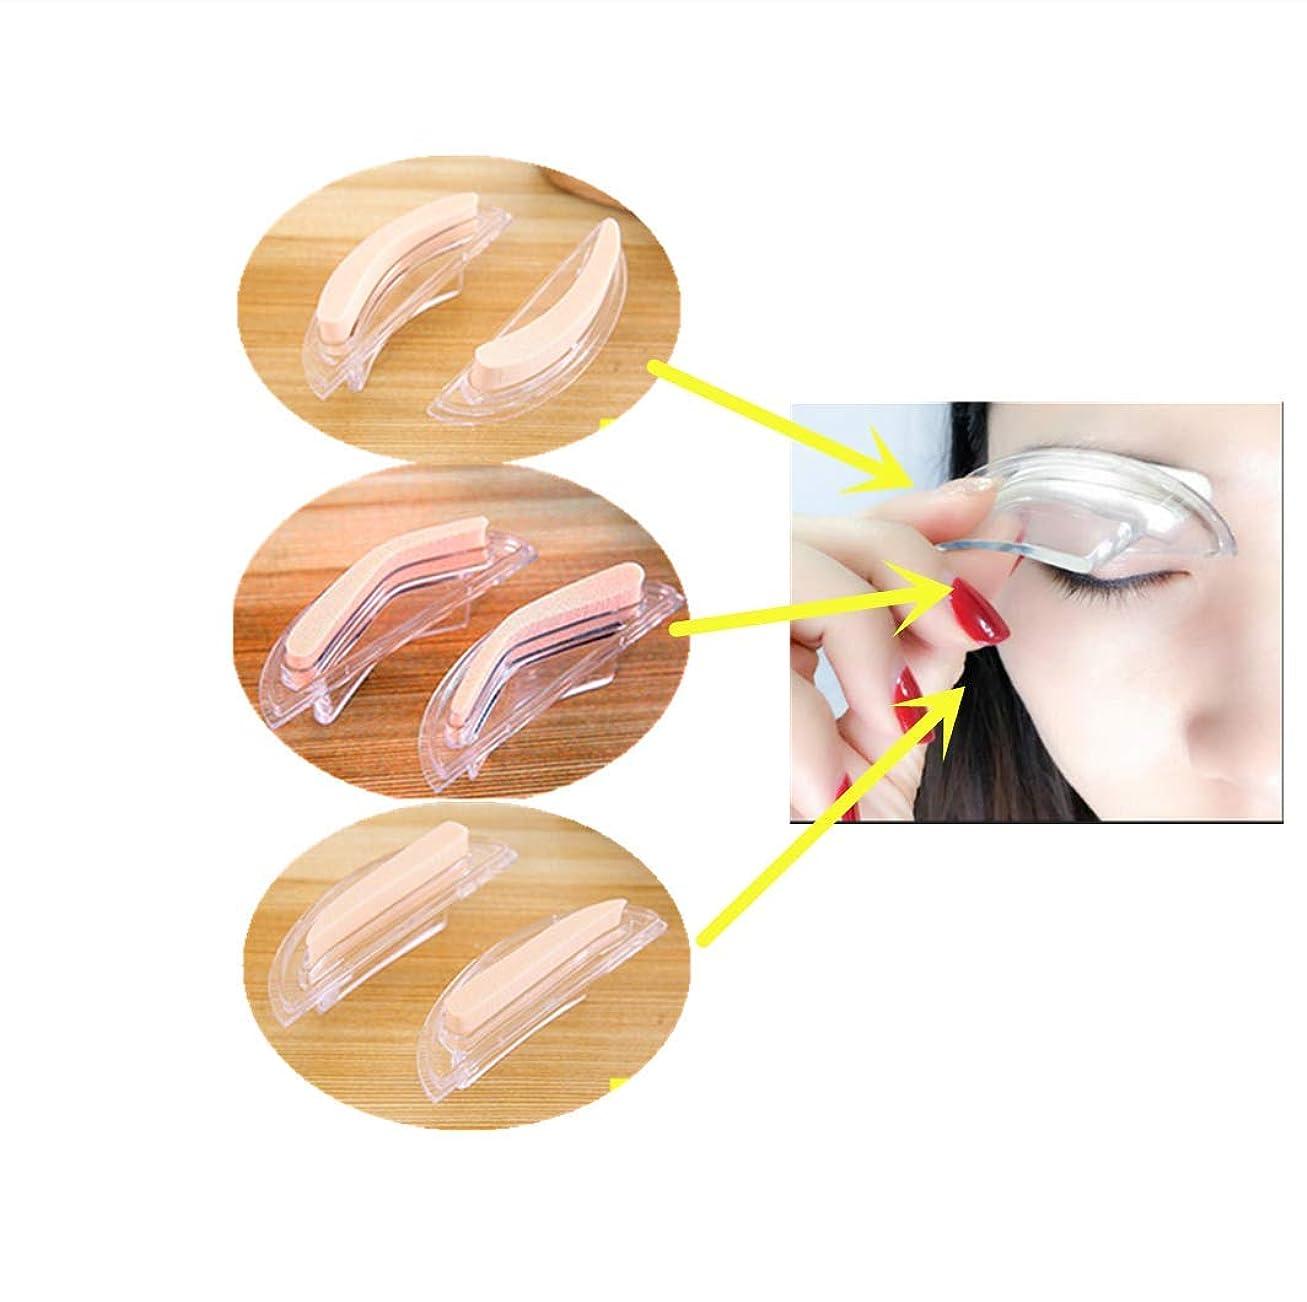 説明的離れた溶けるDexinyigeアイブロウ スタンプ 眉毛 ストレートアイブロウスタンプ トレンドストレート /3種類の眉形セット 美化粧道具 入れ墨道具